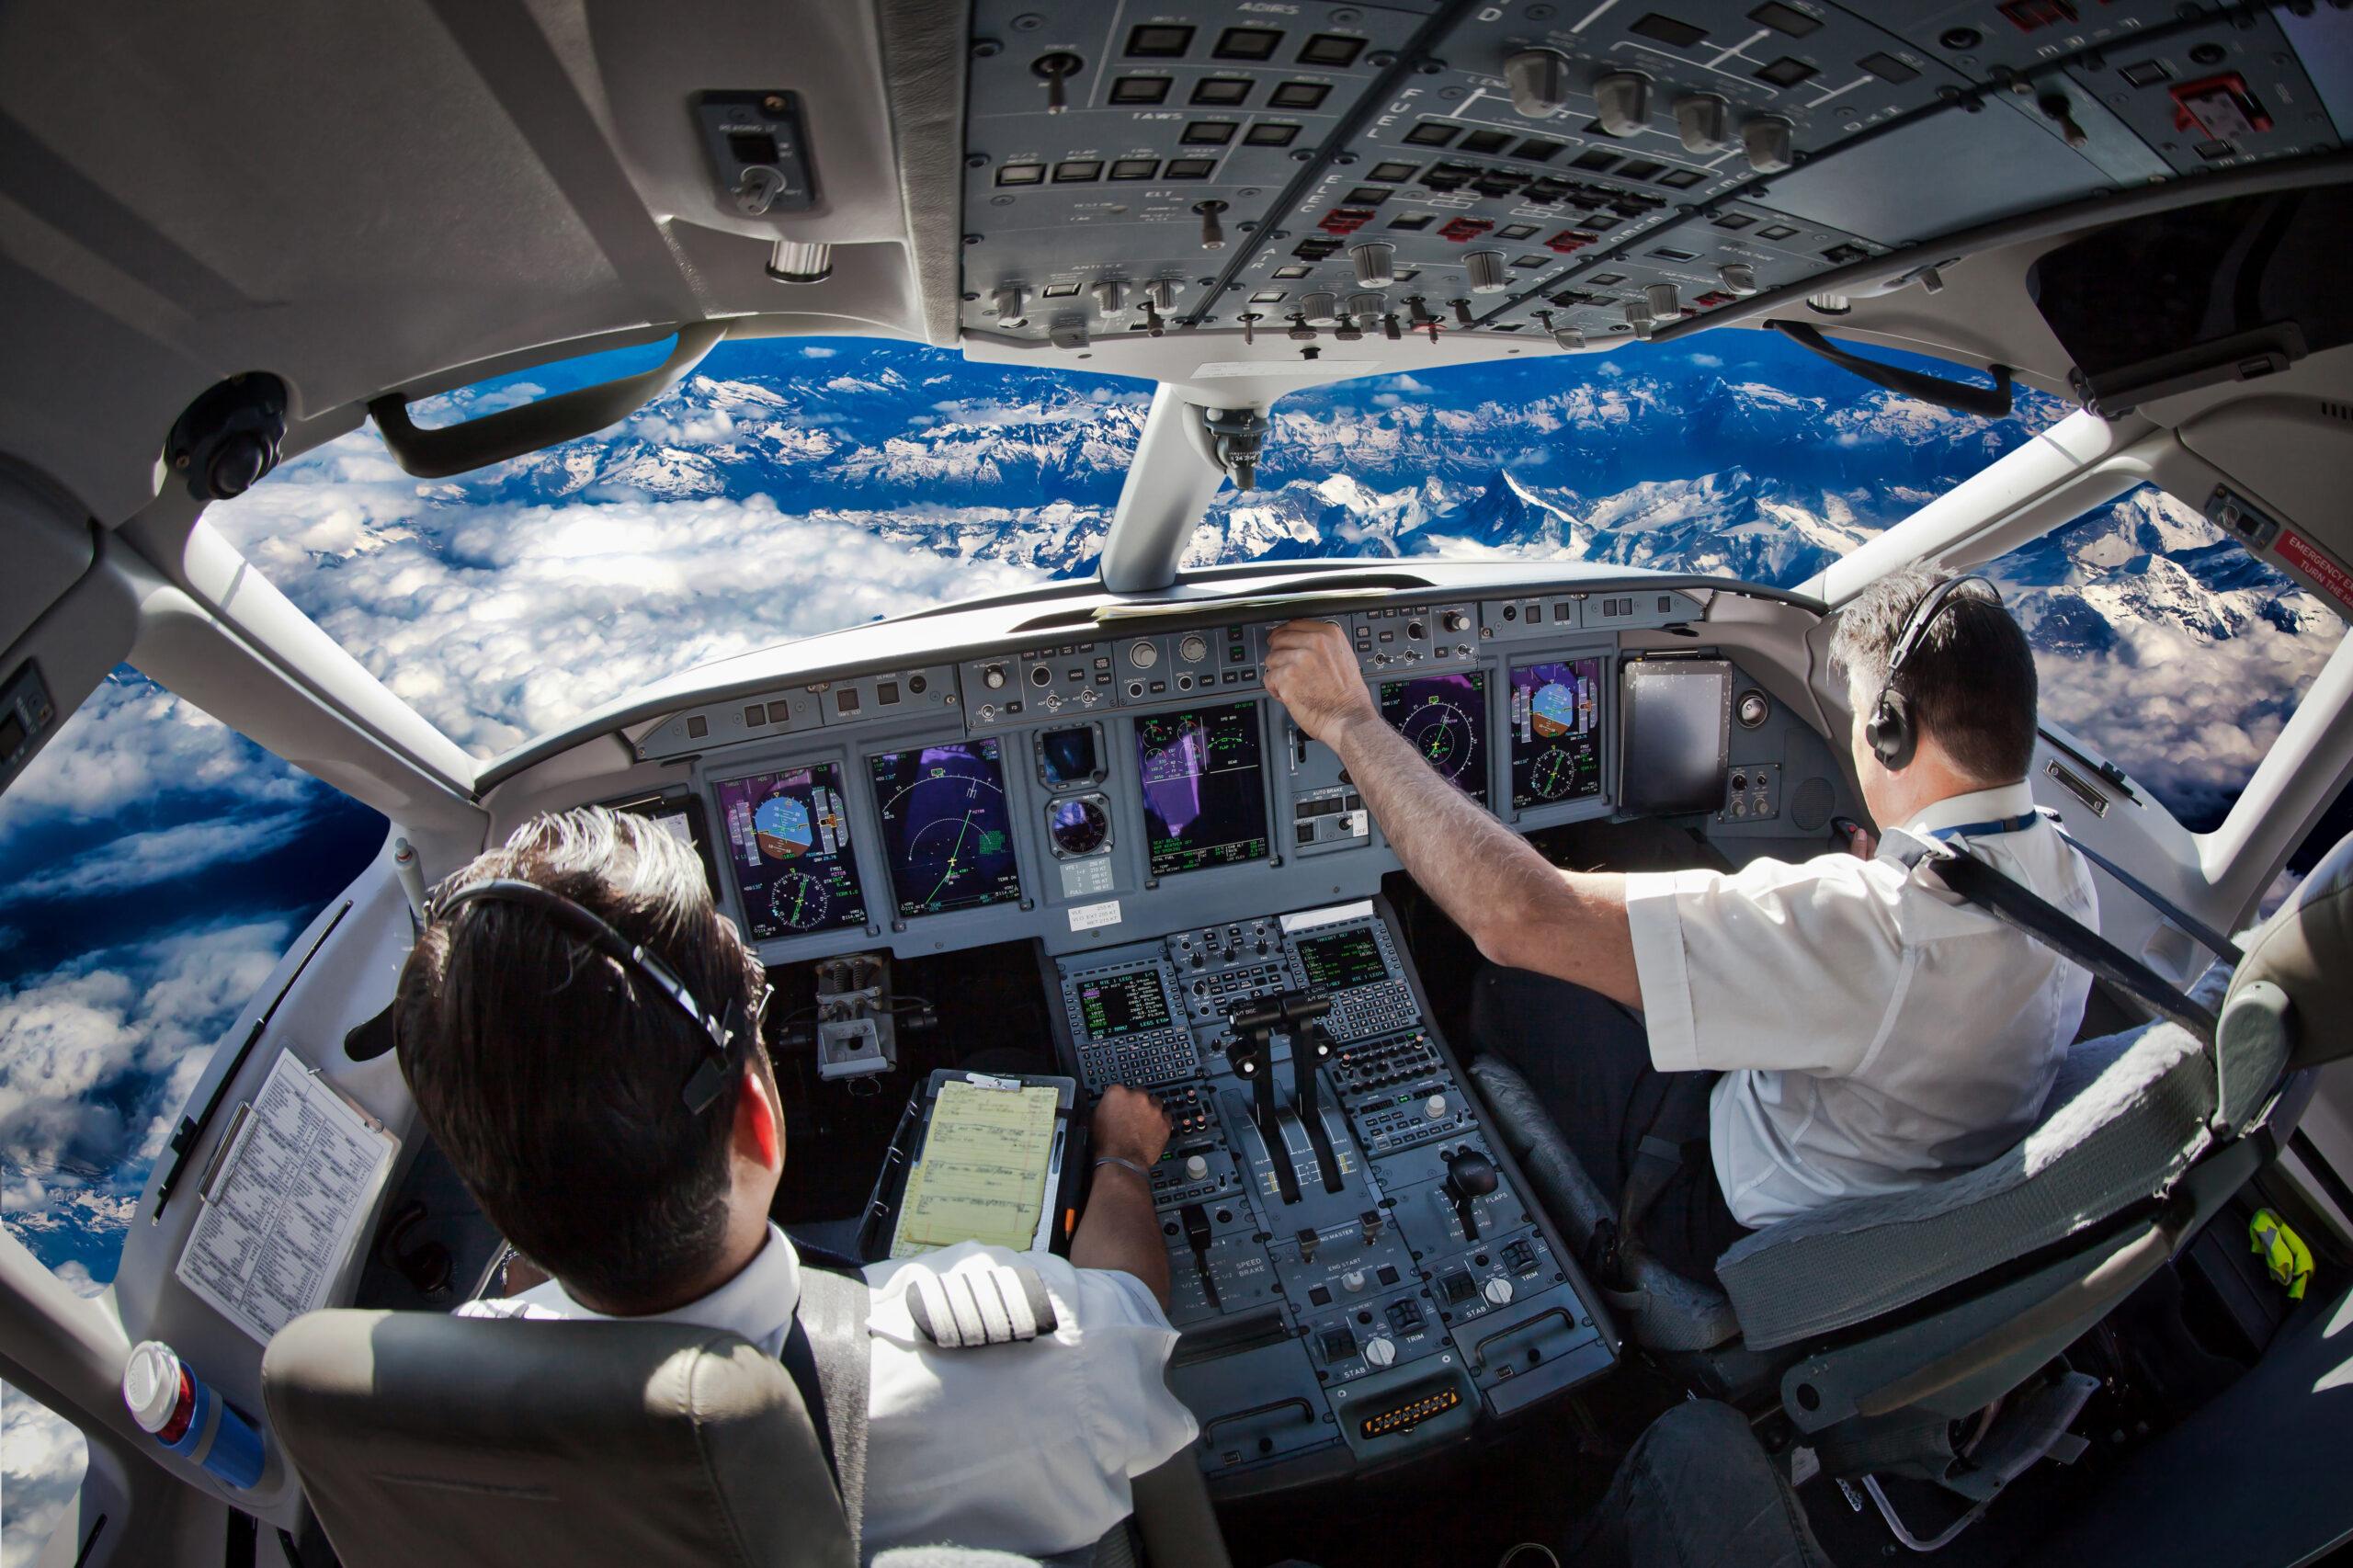 FPU România caută ajutor guvernamental pentru a sprijini piloții disponibilizați și însoțitorii de zbor din România